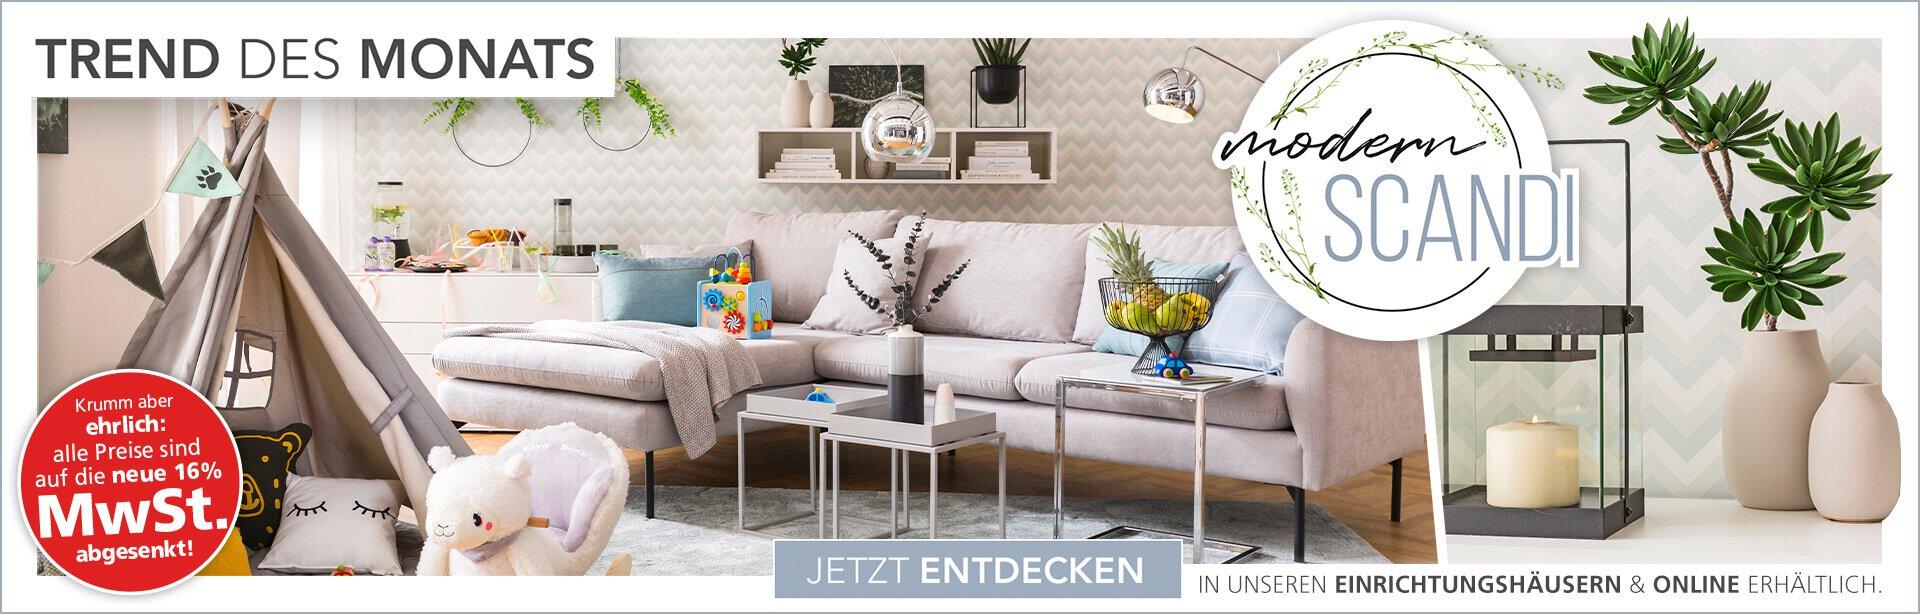 Wohnzimmer mit Spielraum